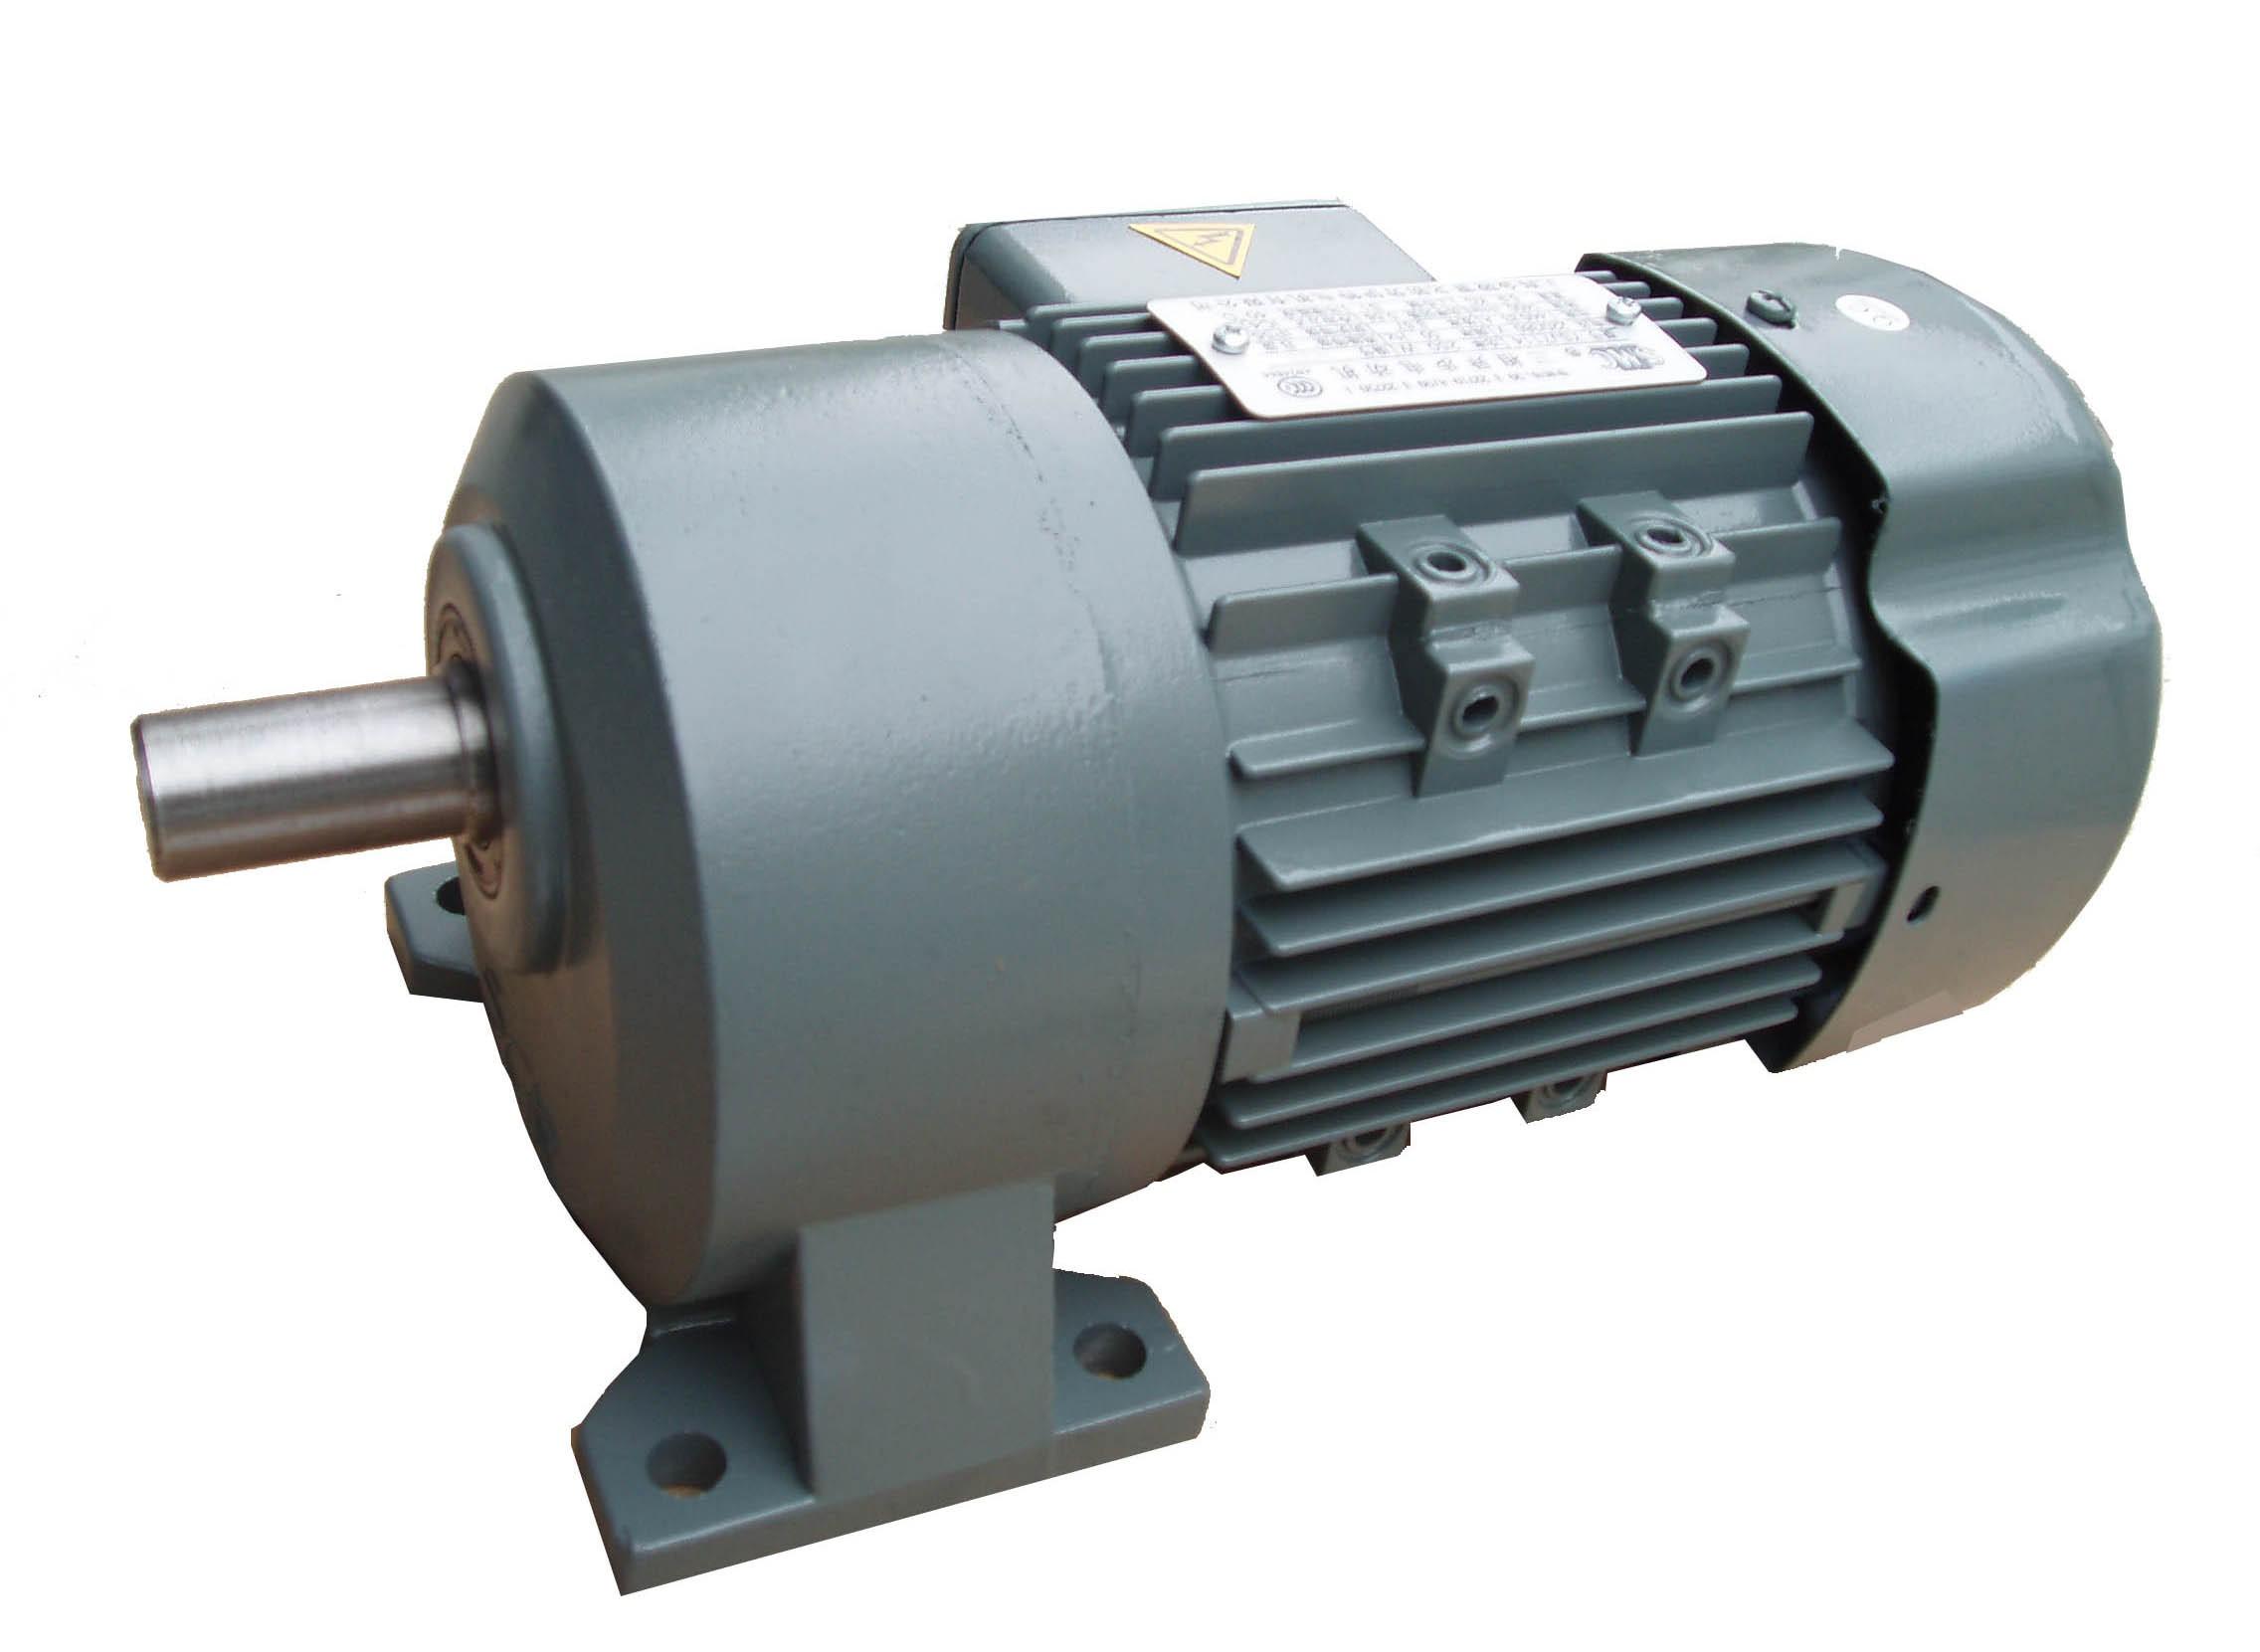 减速器中心高_高精度齿轮马达减速机_上海良驭传动机械有限公司